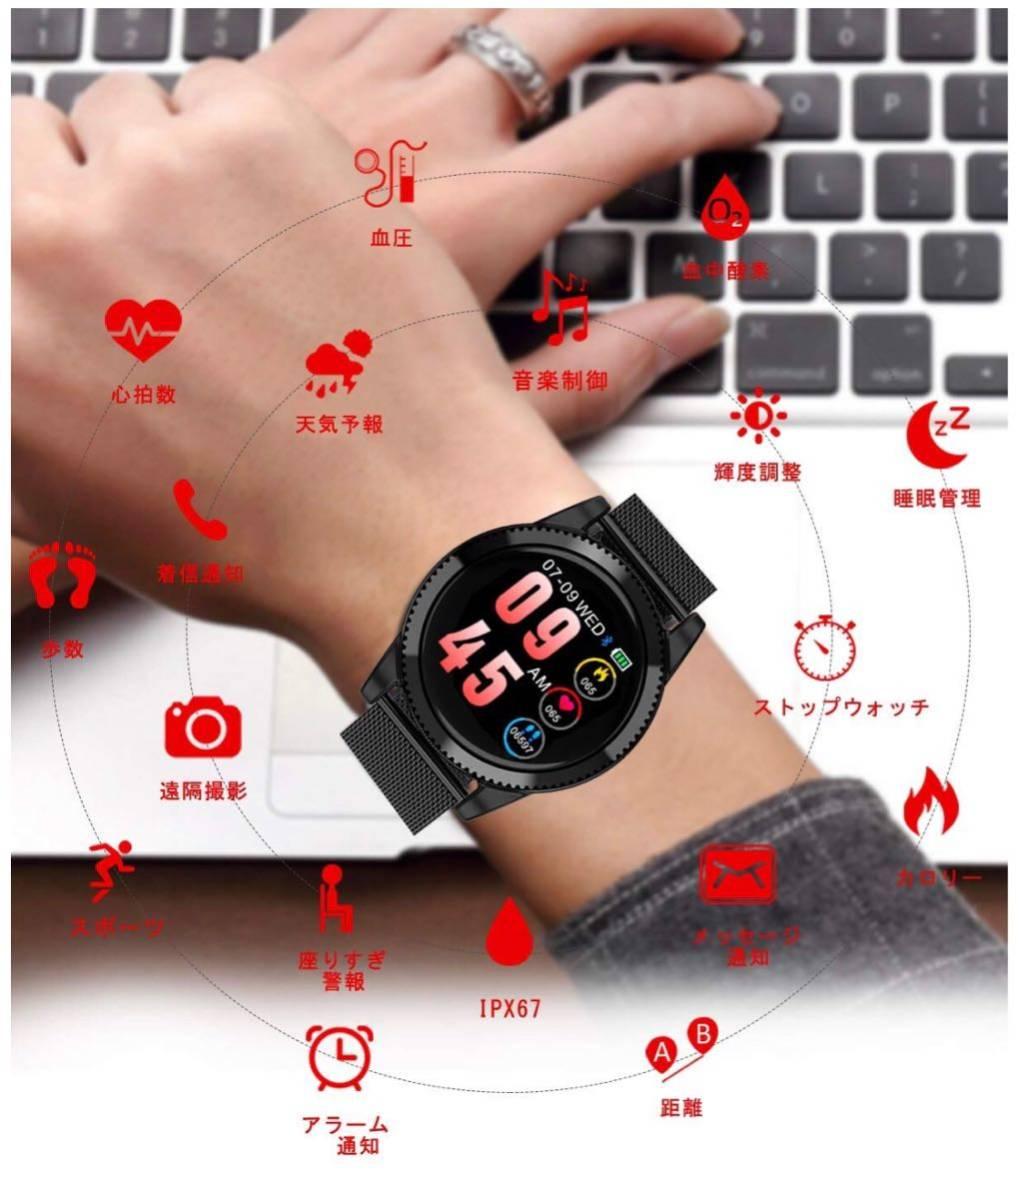 【2019年最新式】スマートウォッチ 心拍計 血圧計 血中酸素 活動量計 1.3インチ 音楽コントロール 天気予報 遠隔カメラ IP67防水 SMS通知